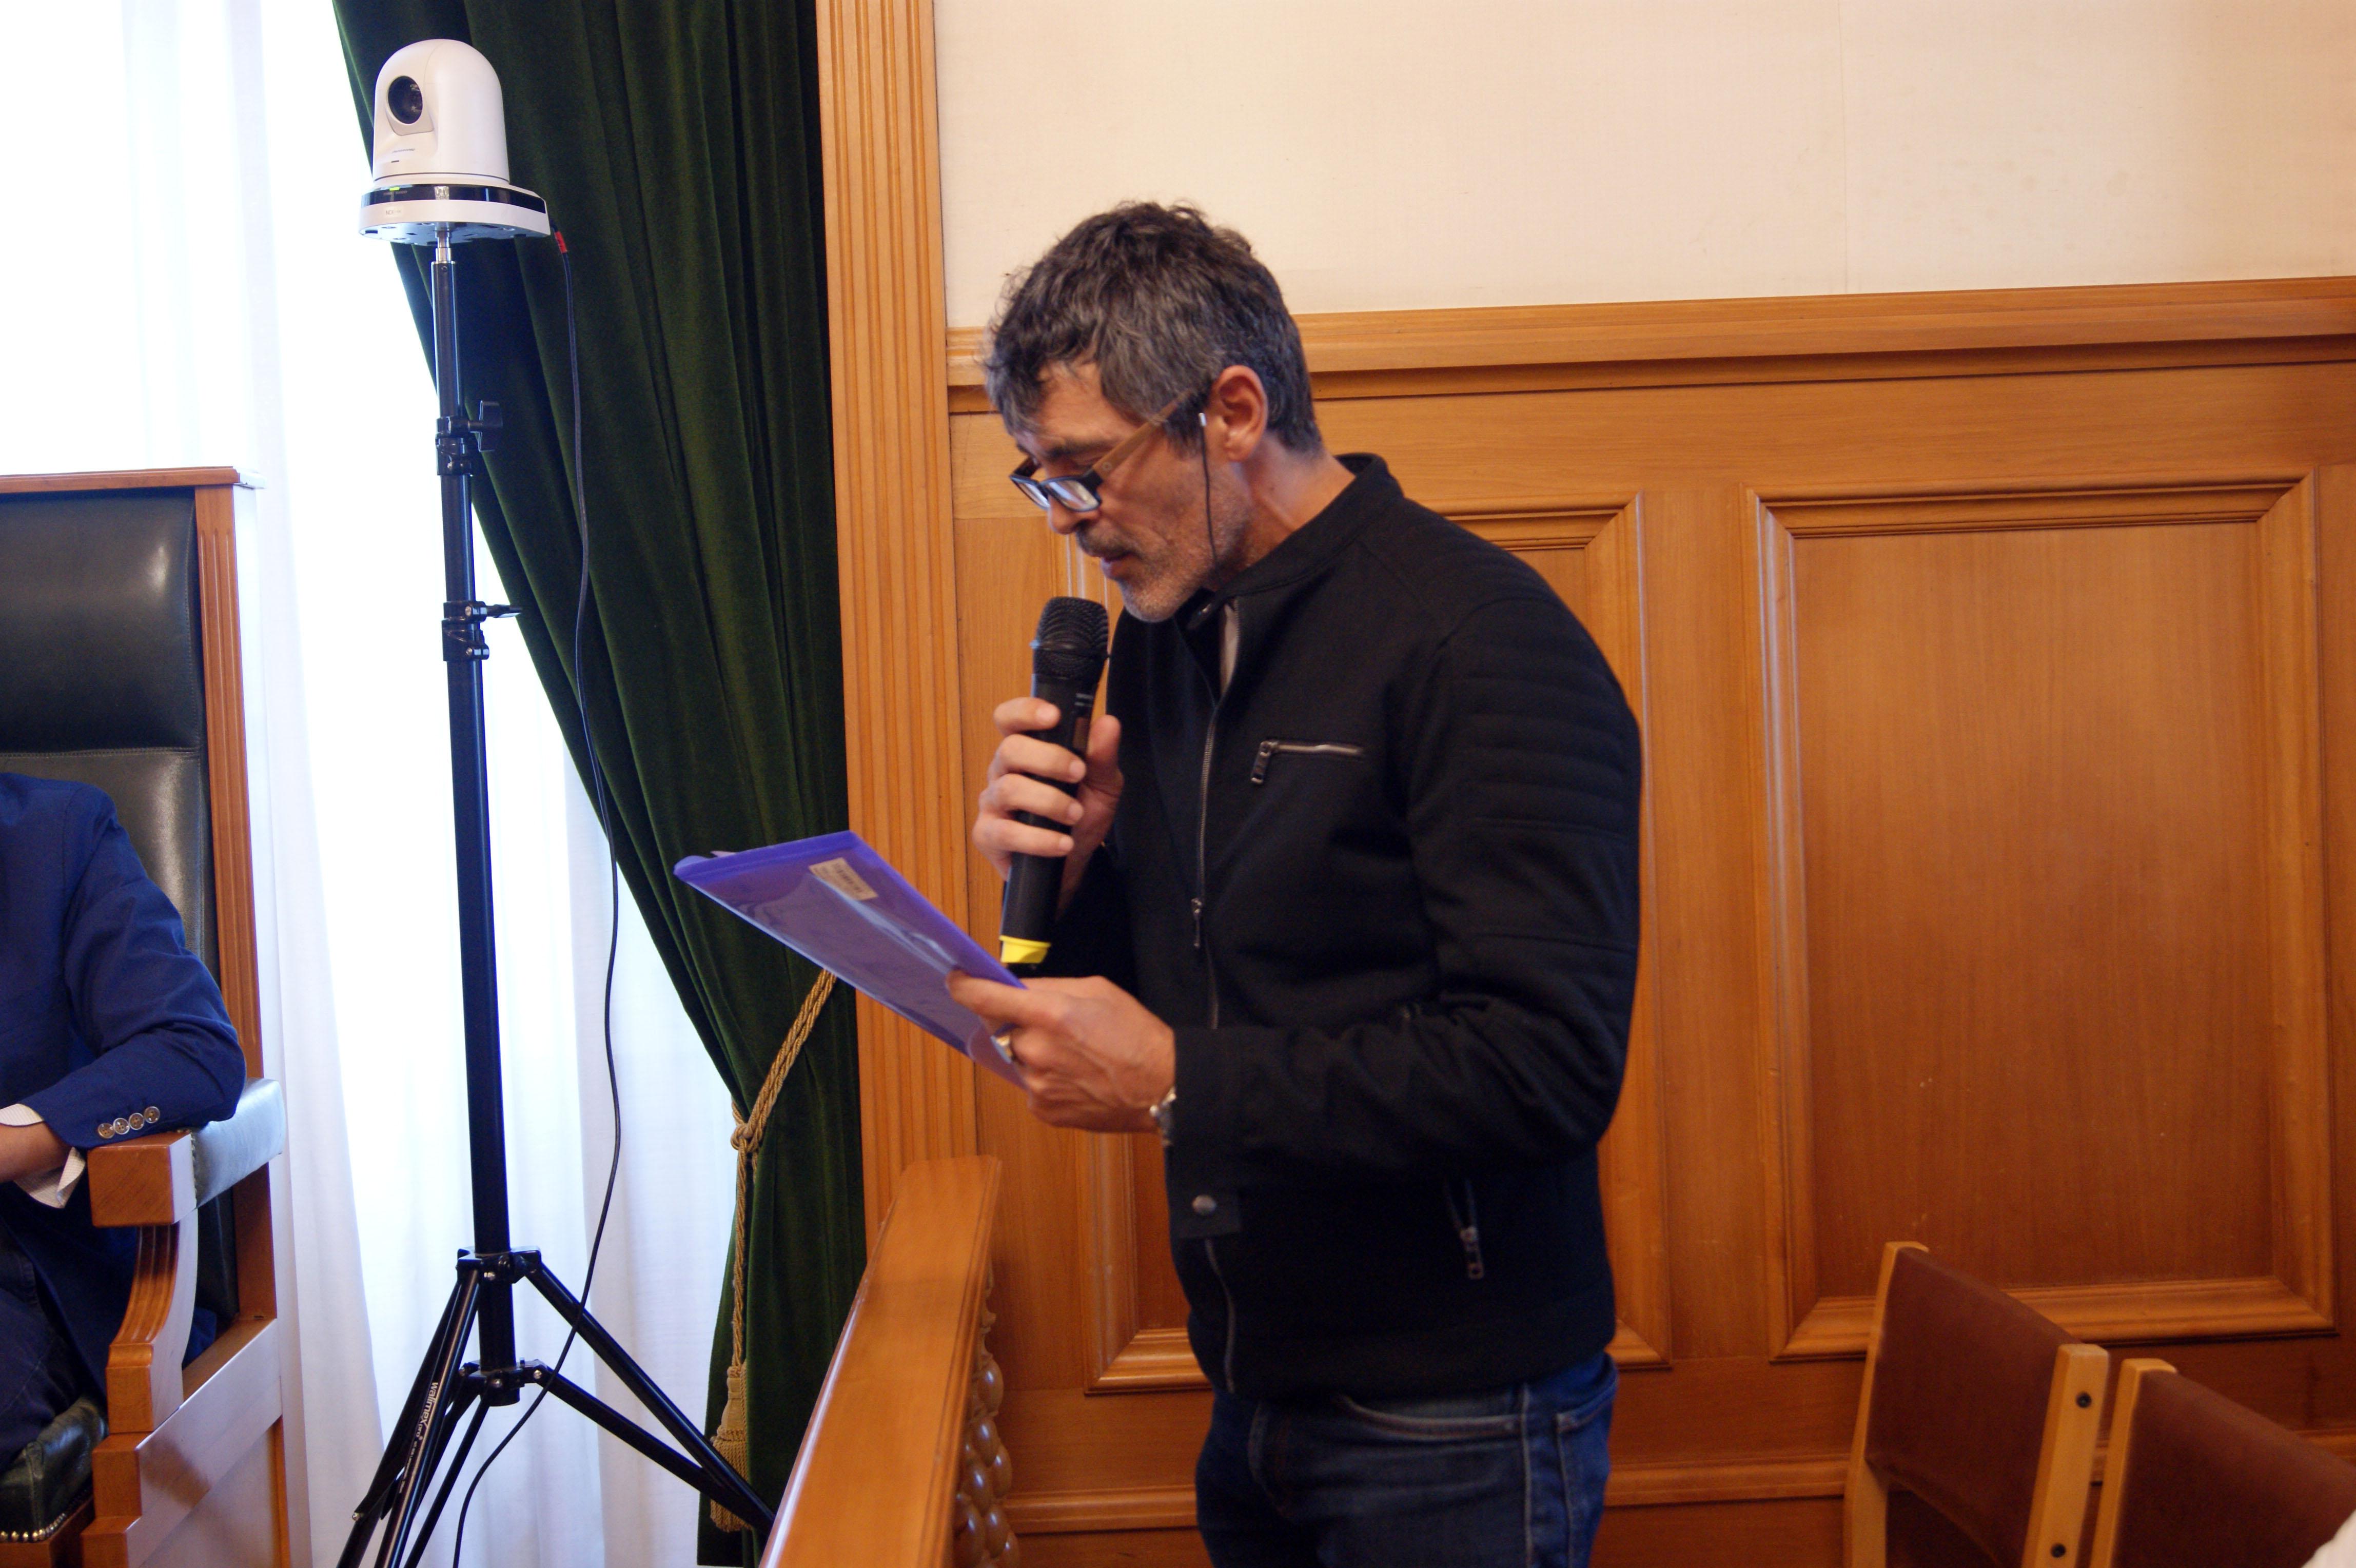 Intervención do actor Javier Deive sobre as residencias artísticas da Sala Agustín Magán, no CSC de Santa Marta.